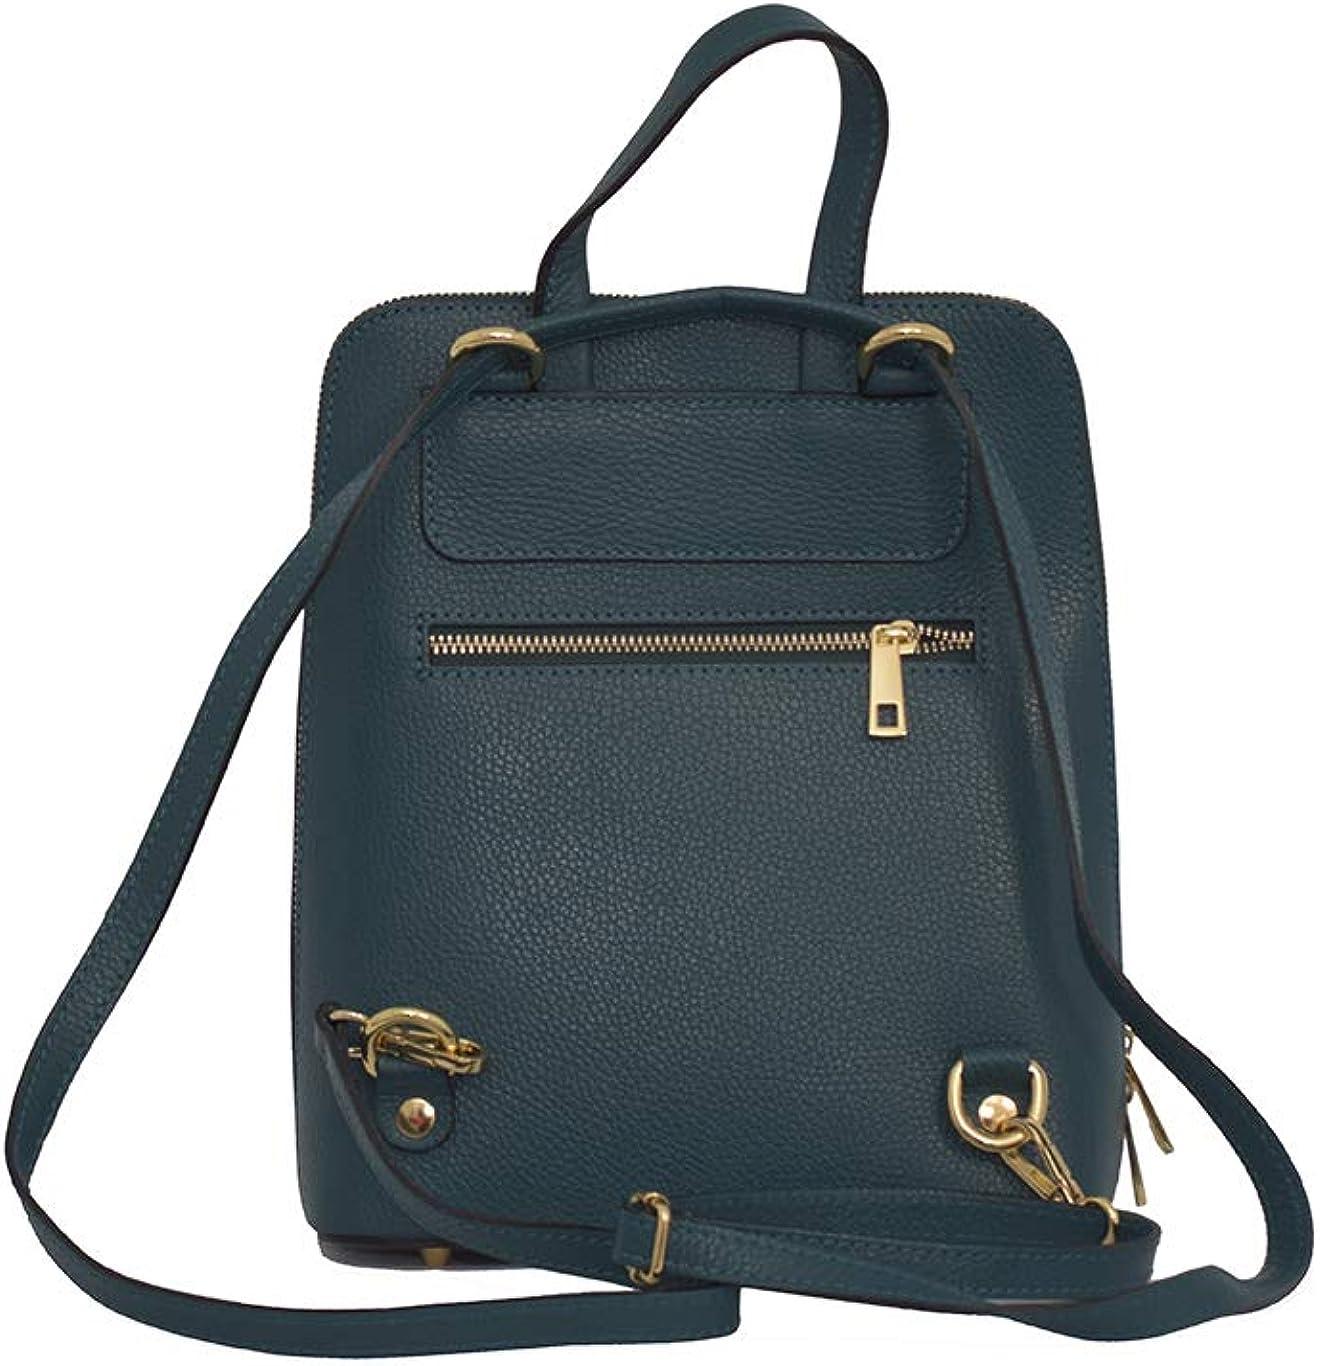 A to Z Leather 3 in 1 Rucksack   Umhängetasche und Handtasche - Echt italienisches Rauleder Petrol